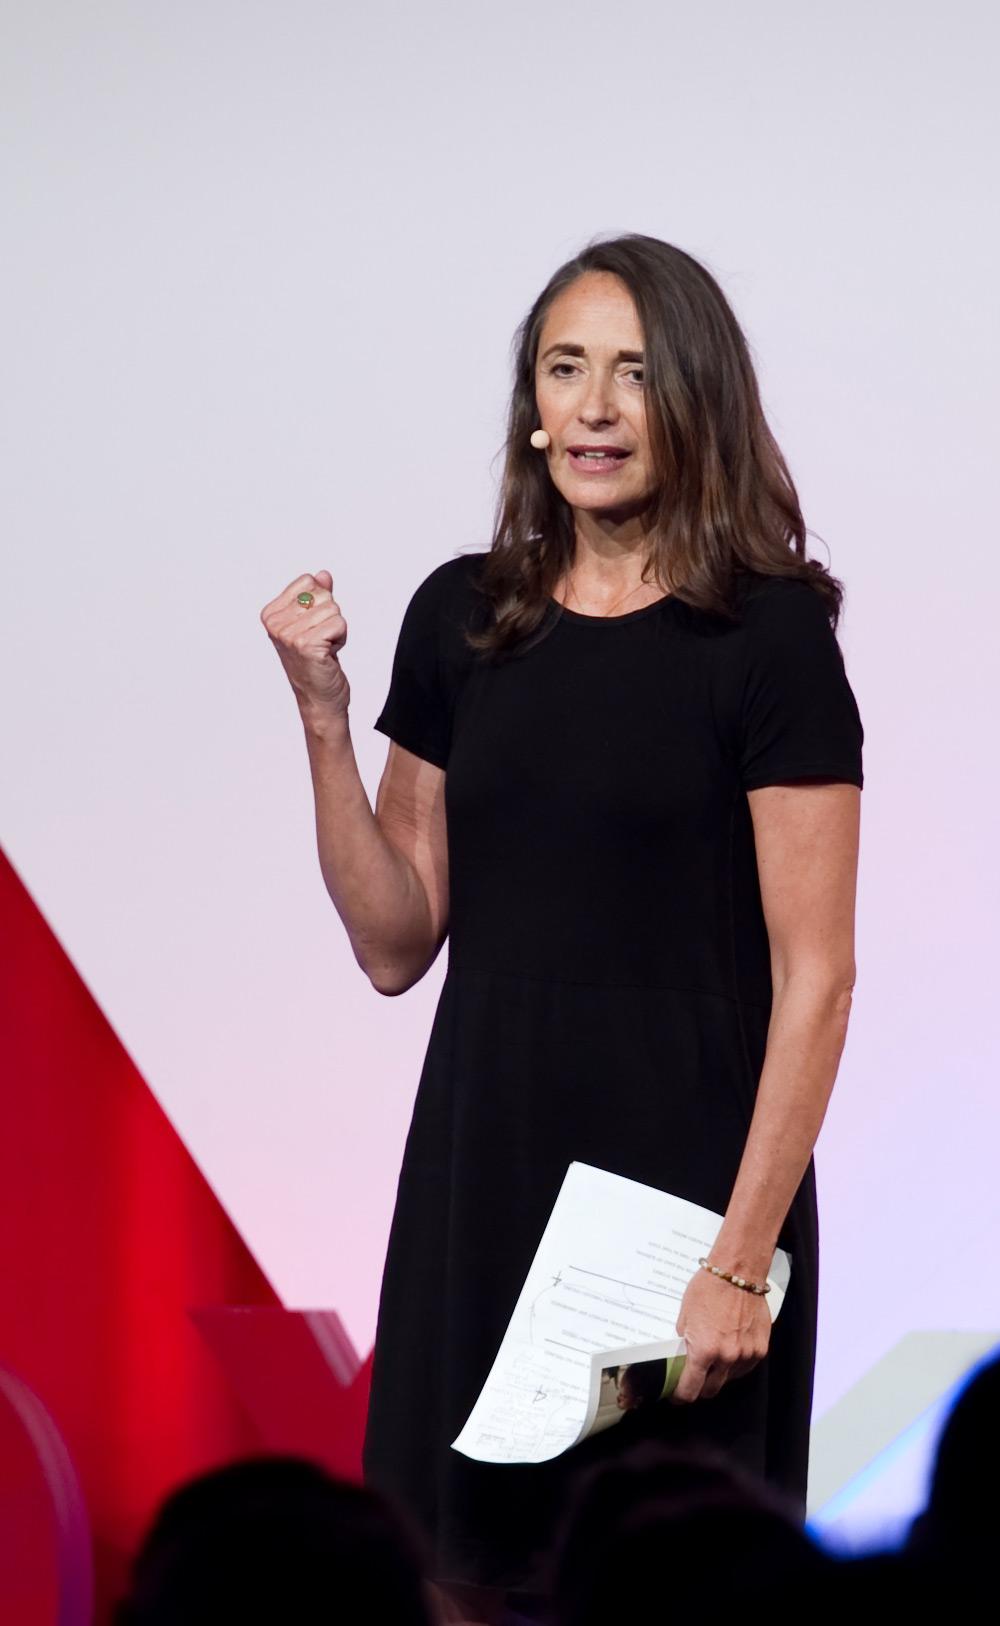 TEDxKlagenfurt 2017 - Look Again - Anneke Lucas